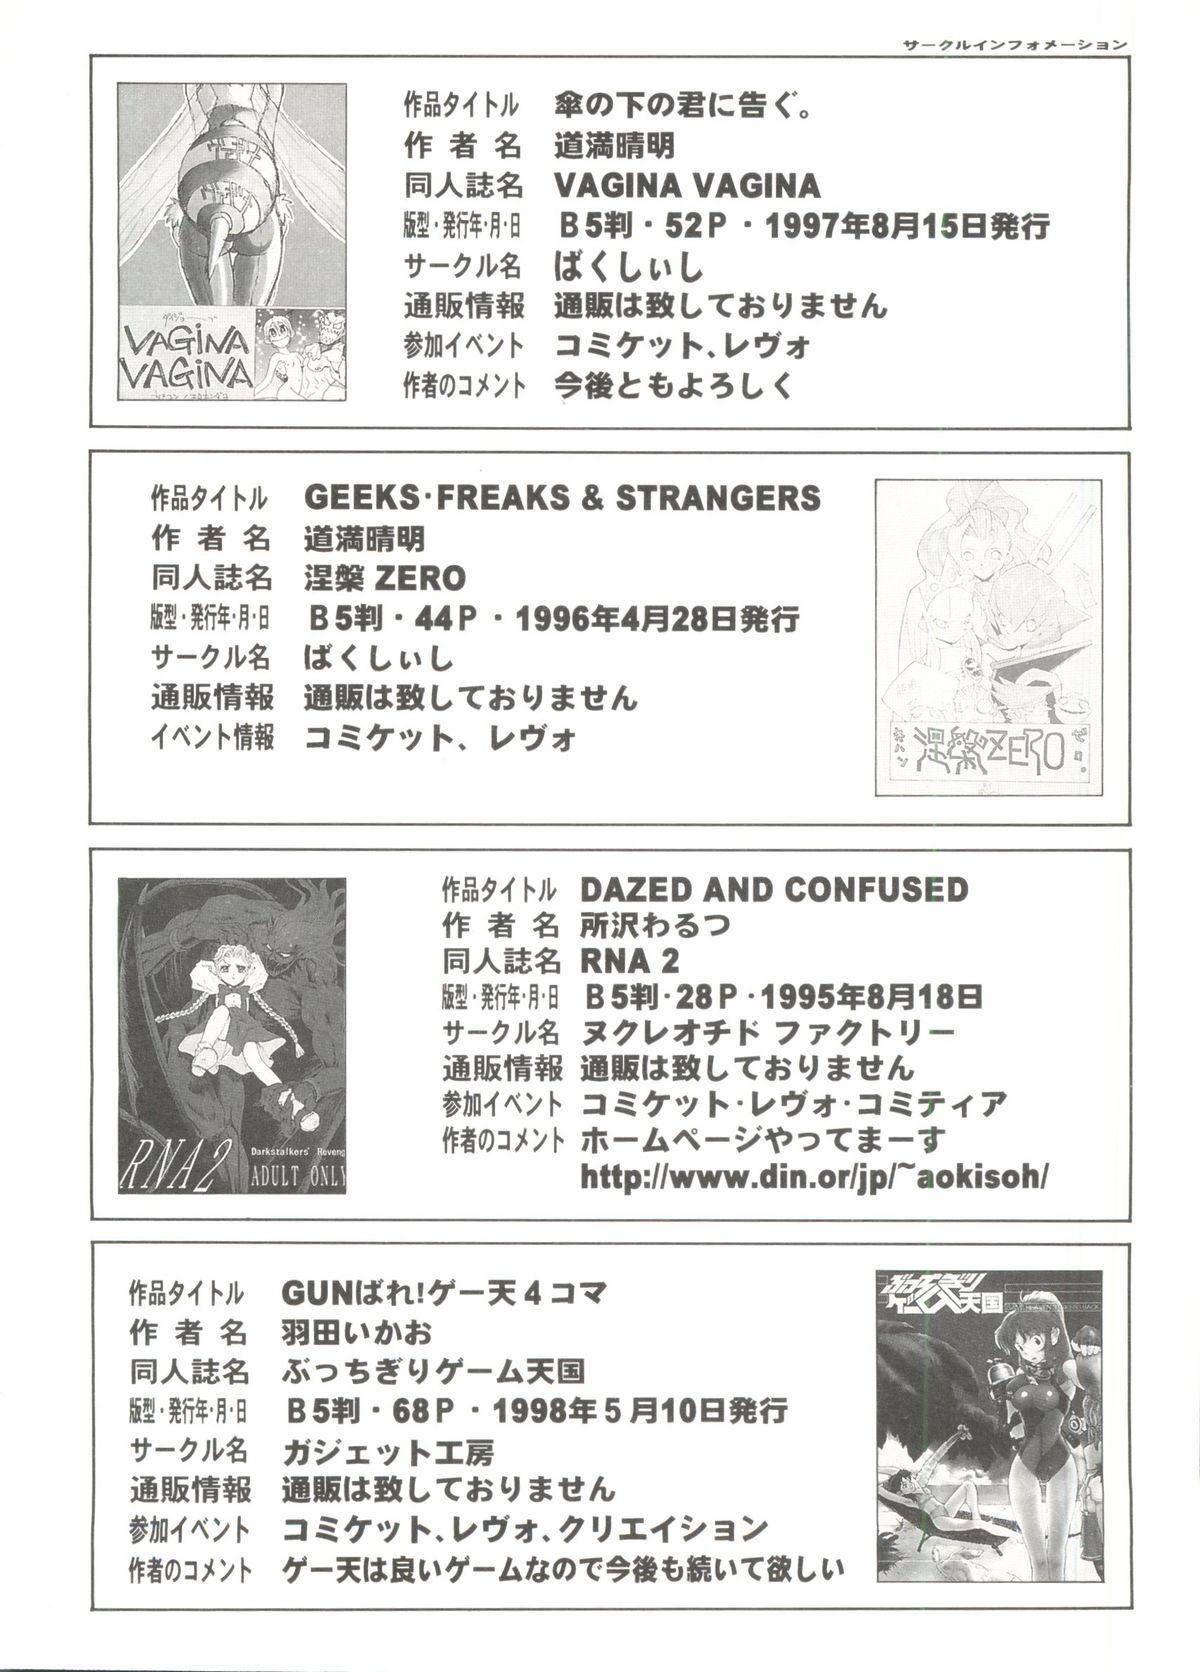 Denei Tamate Bako Bishoujo Doujinshi Anthology Vol. 2 - Nishinhou no Tenshi 139